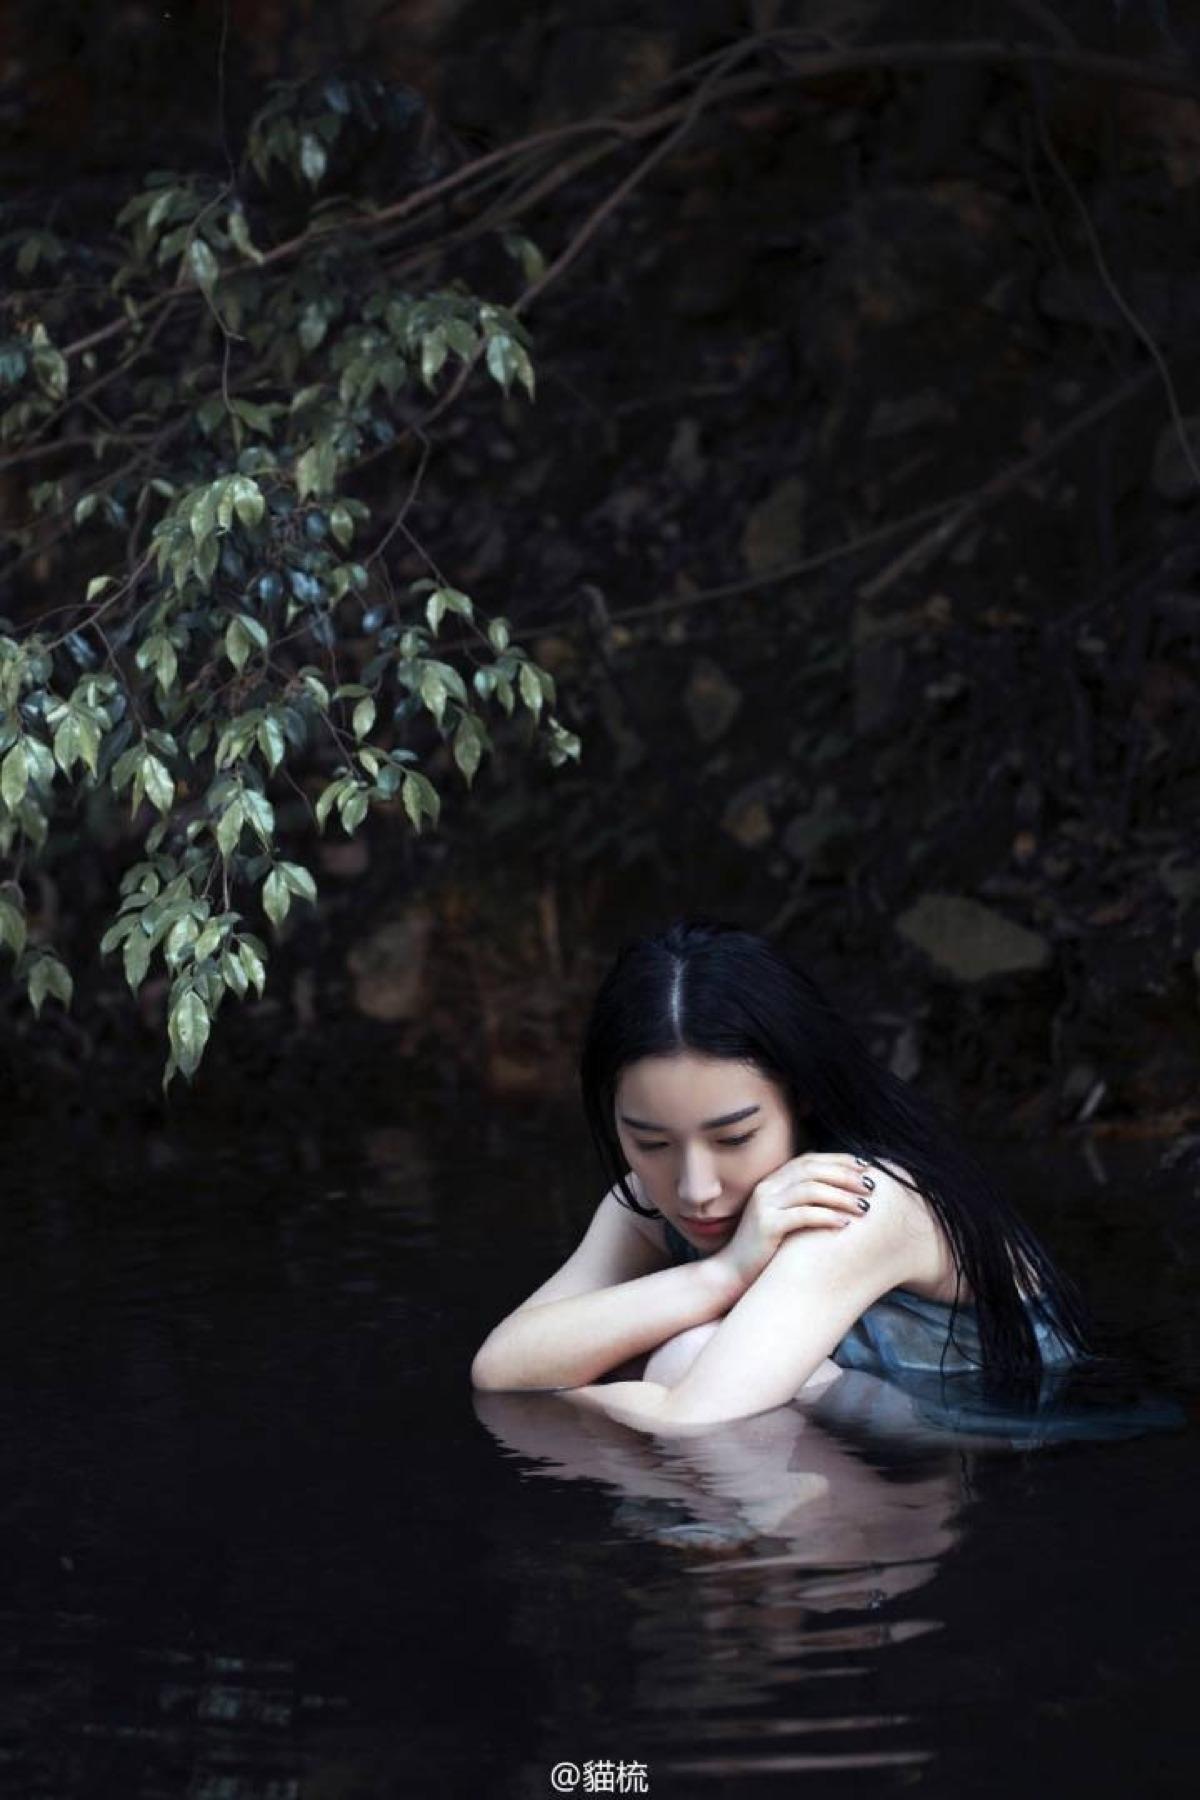 2015年9月27日金华琴坛溯溪摄影外拍